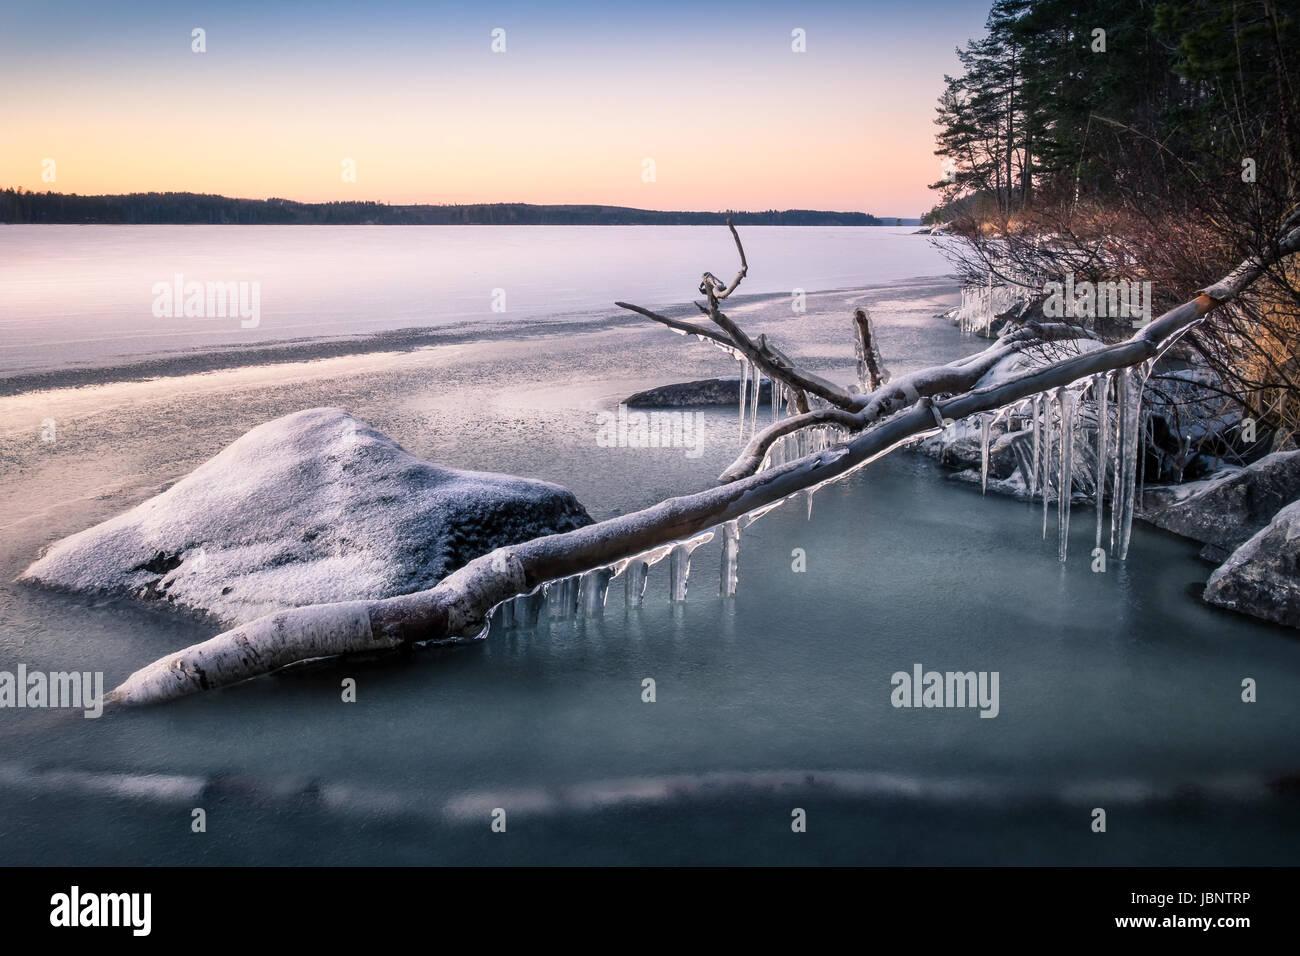 Pintoresco paisaje con carámbanos y lago en la noche de invierno Imagen De Stock